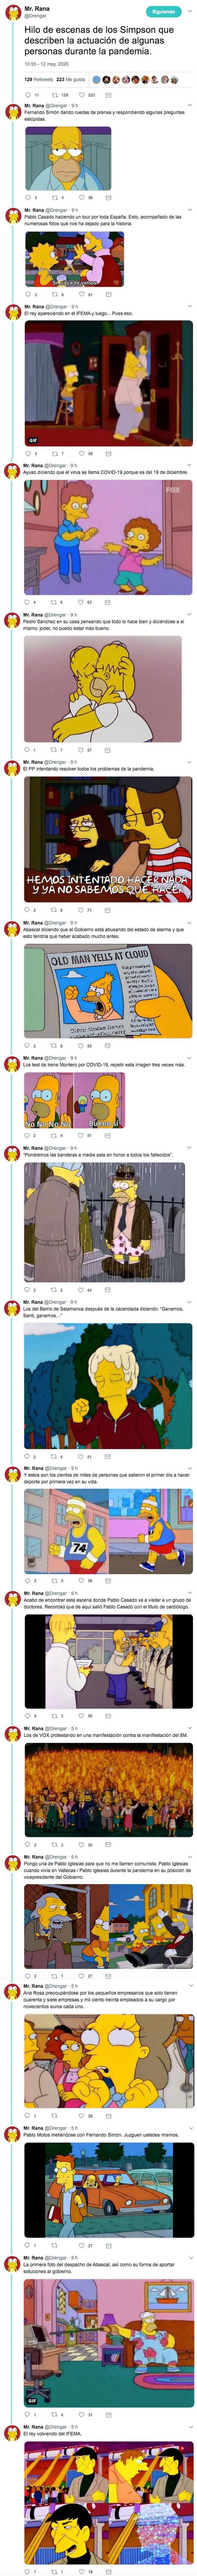 16030 - Hilo de escenas de los Simpson que describen la actuación de algunas personas durante la pandemia, por @Drengar